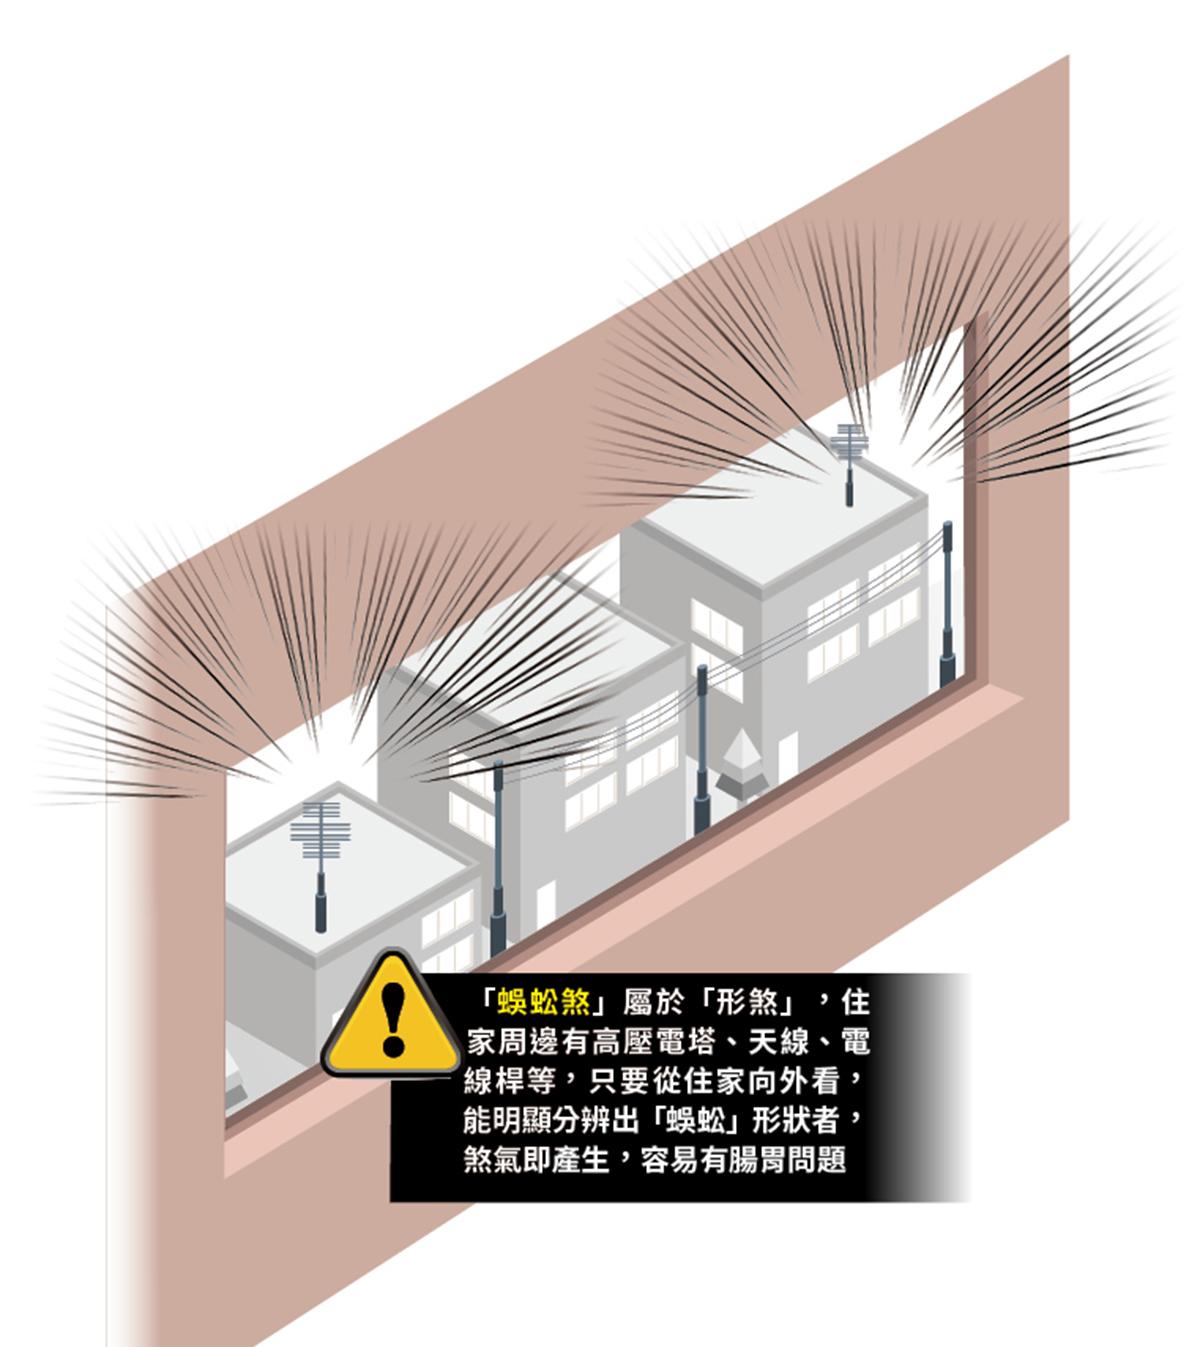 ▲從住家窗戶、陽台向外看,某些角度若剛好能明顯分辨出「蜈蚣」形狀時,即為「蜈蚣煞」。